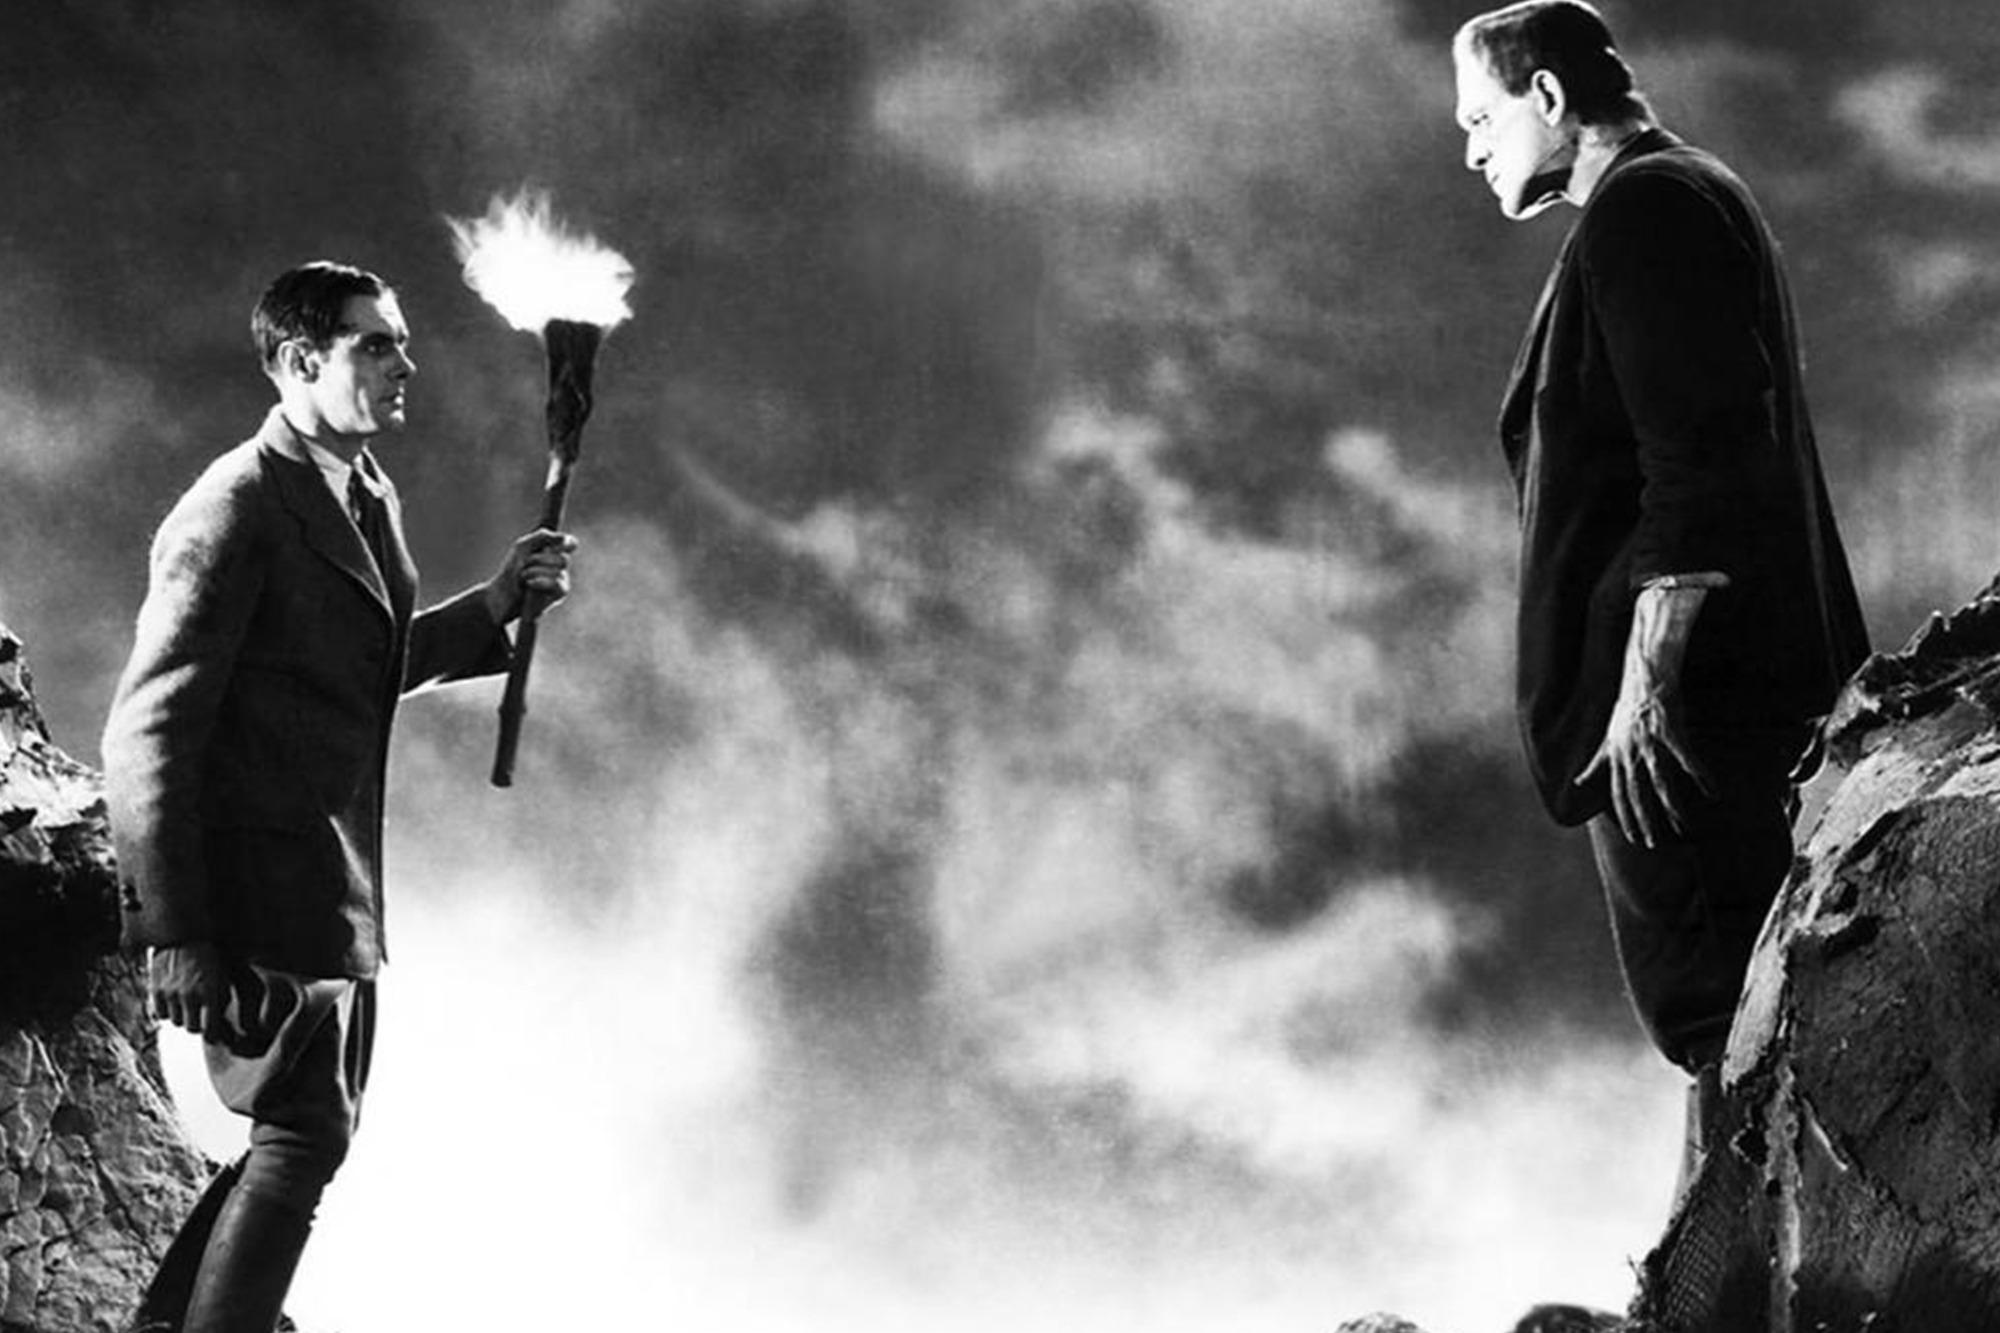 Frankenstein - Film de James Whale sorti en 1931